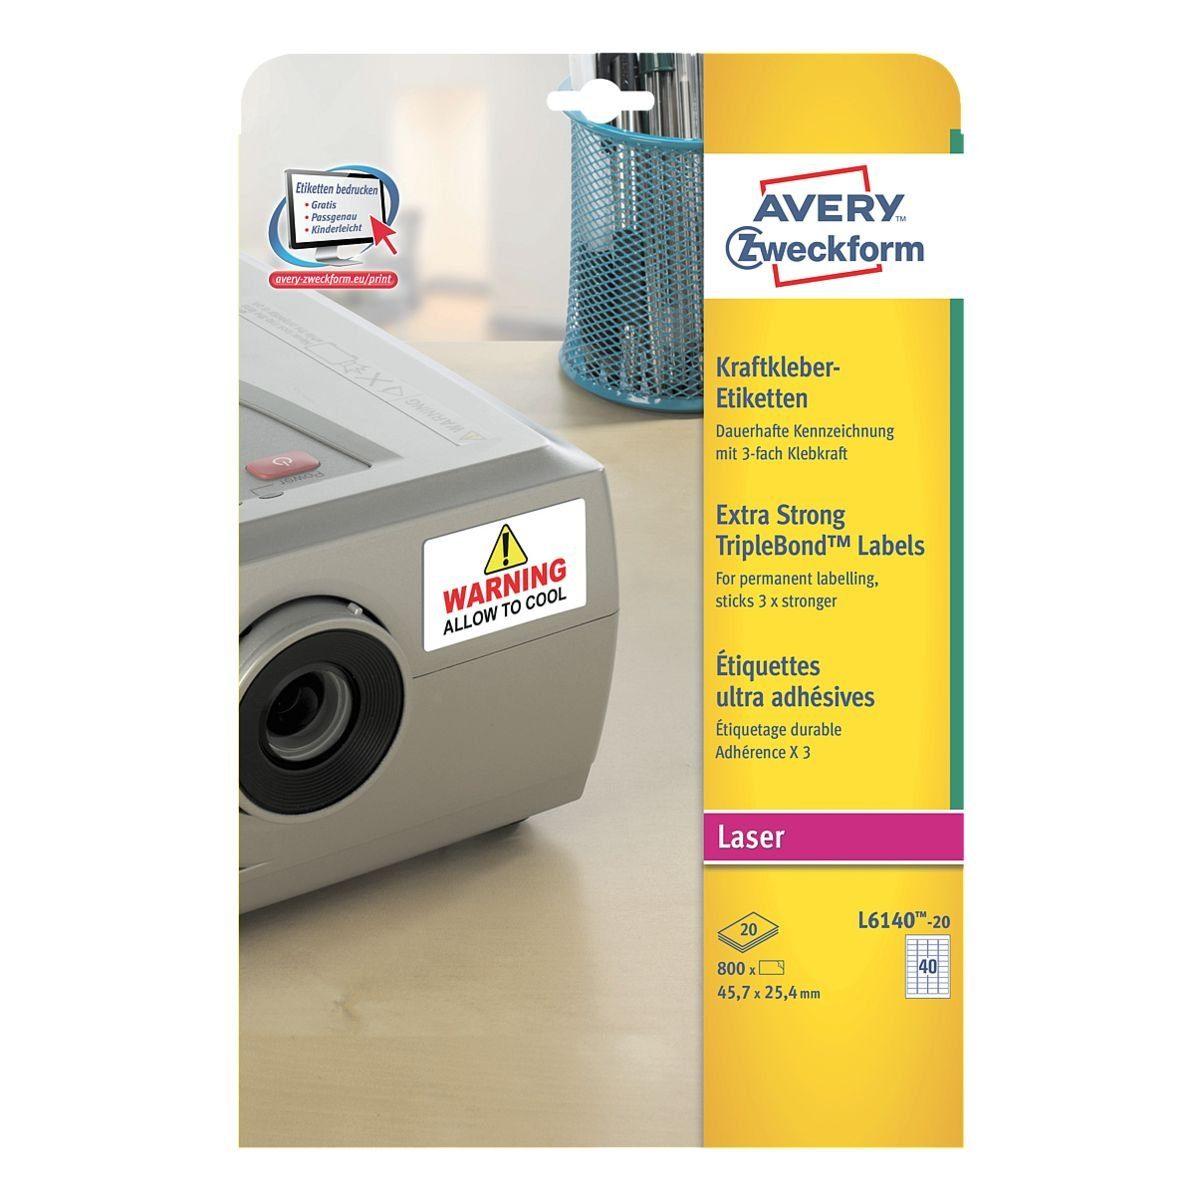 Avery Zweckform 800er-Pack Kraftkleber-Etiketten »L6140-20«